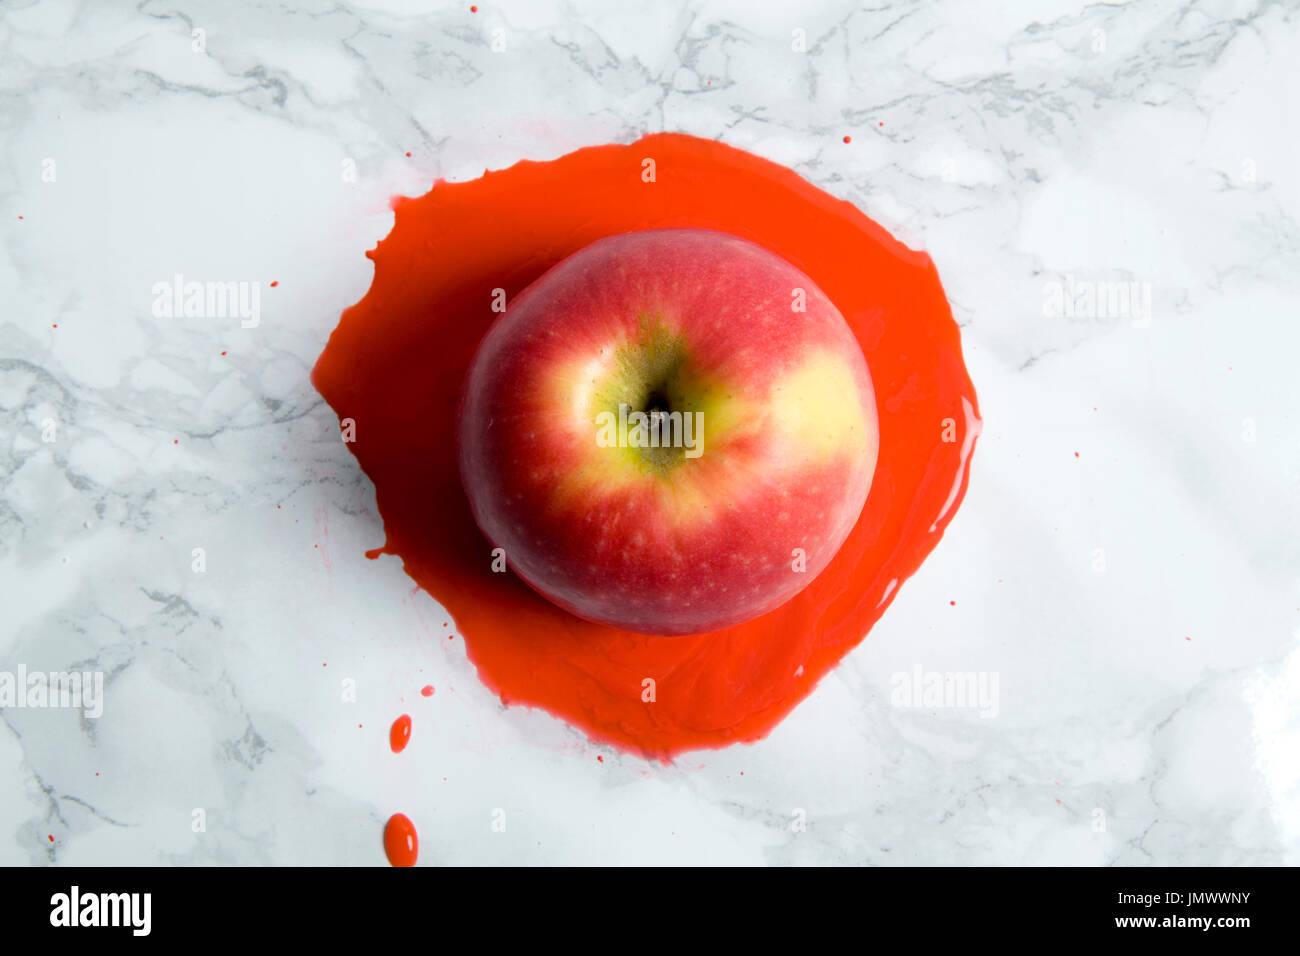 Una fusione di Apple su un sfondo marmo. colore minima ancora vita fotografia Immagini Stock